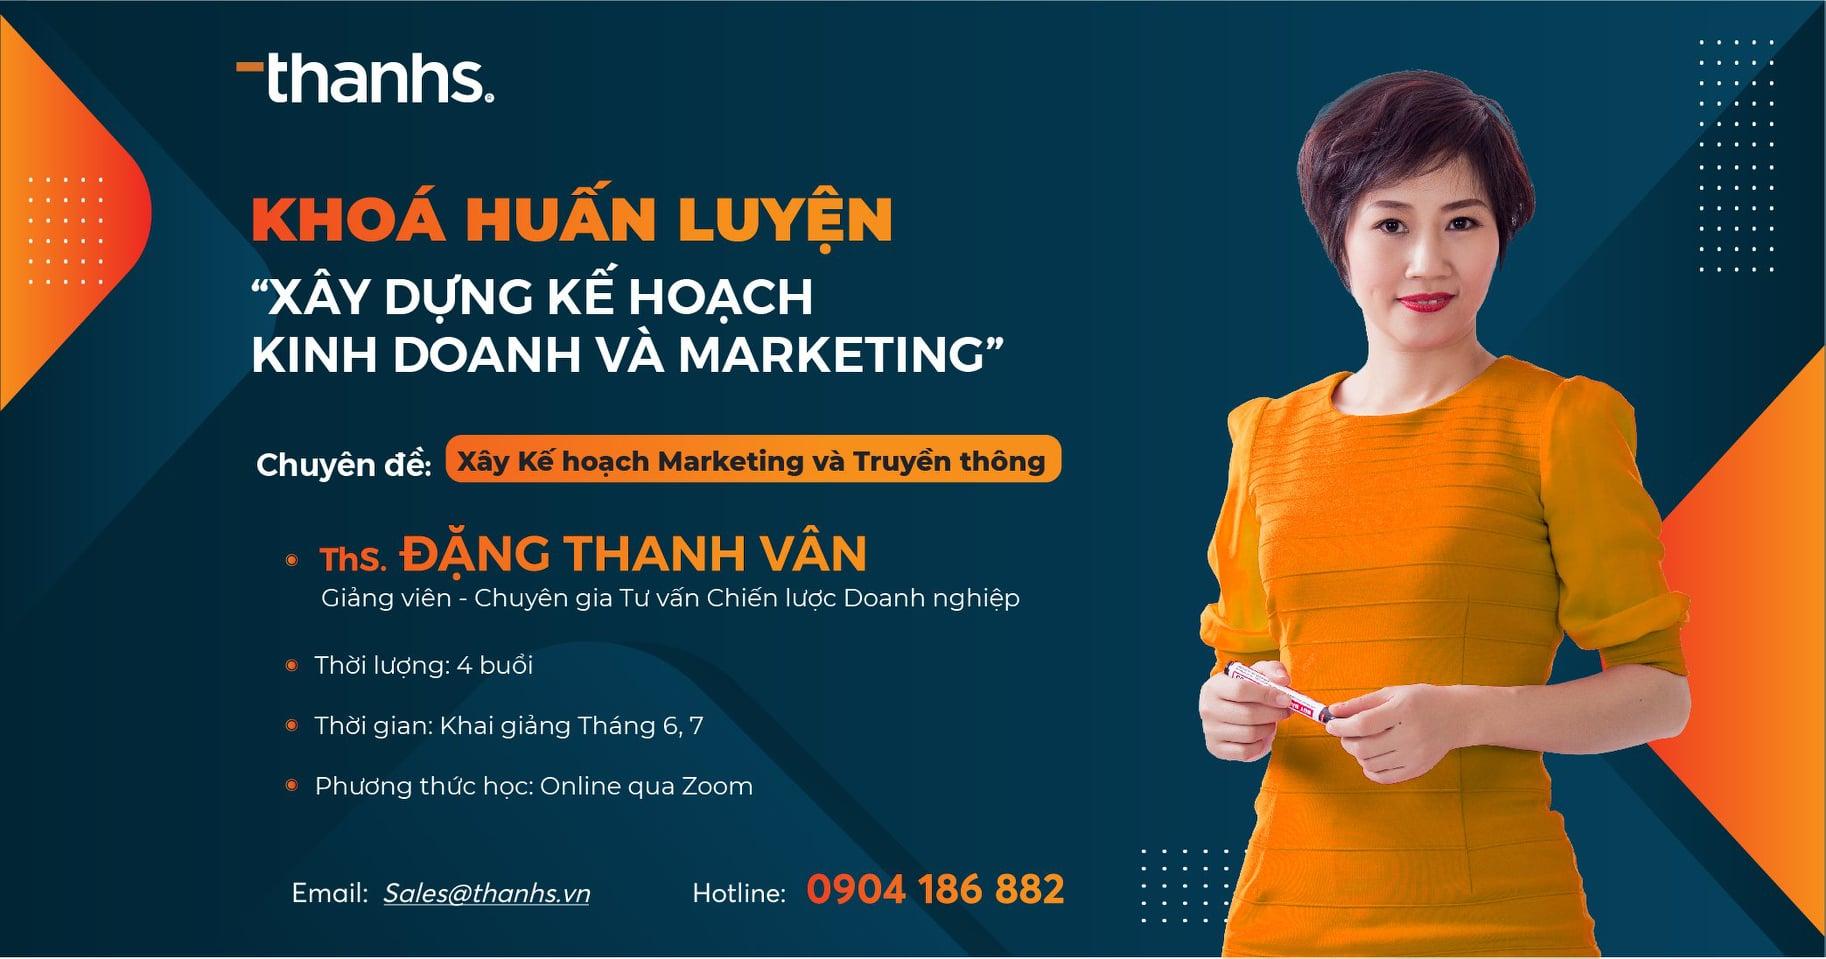 Khoá huấn luyện Xây dựng Kế hoạch Kinh doanh - Marketing dành cho doanh nghiệp vừa và nhỏ